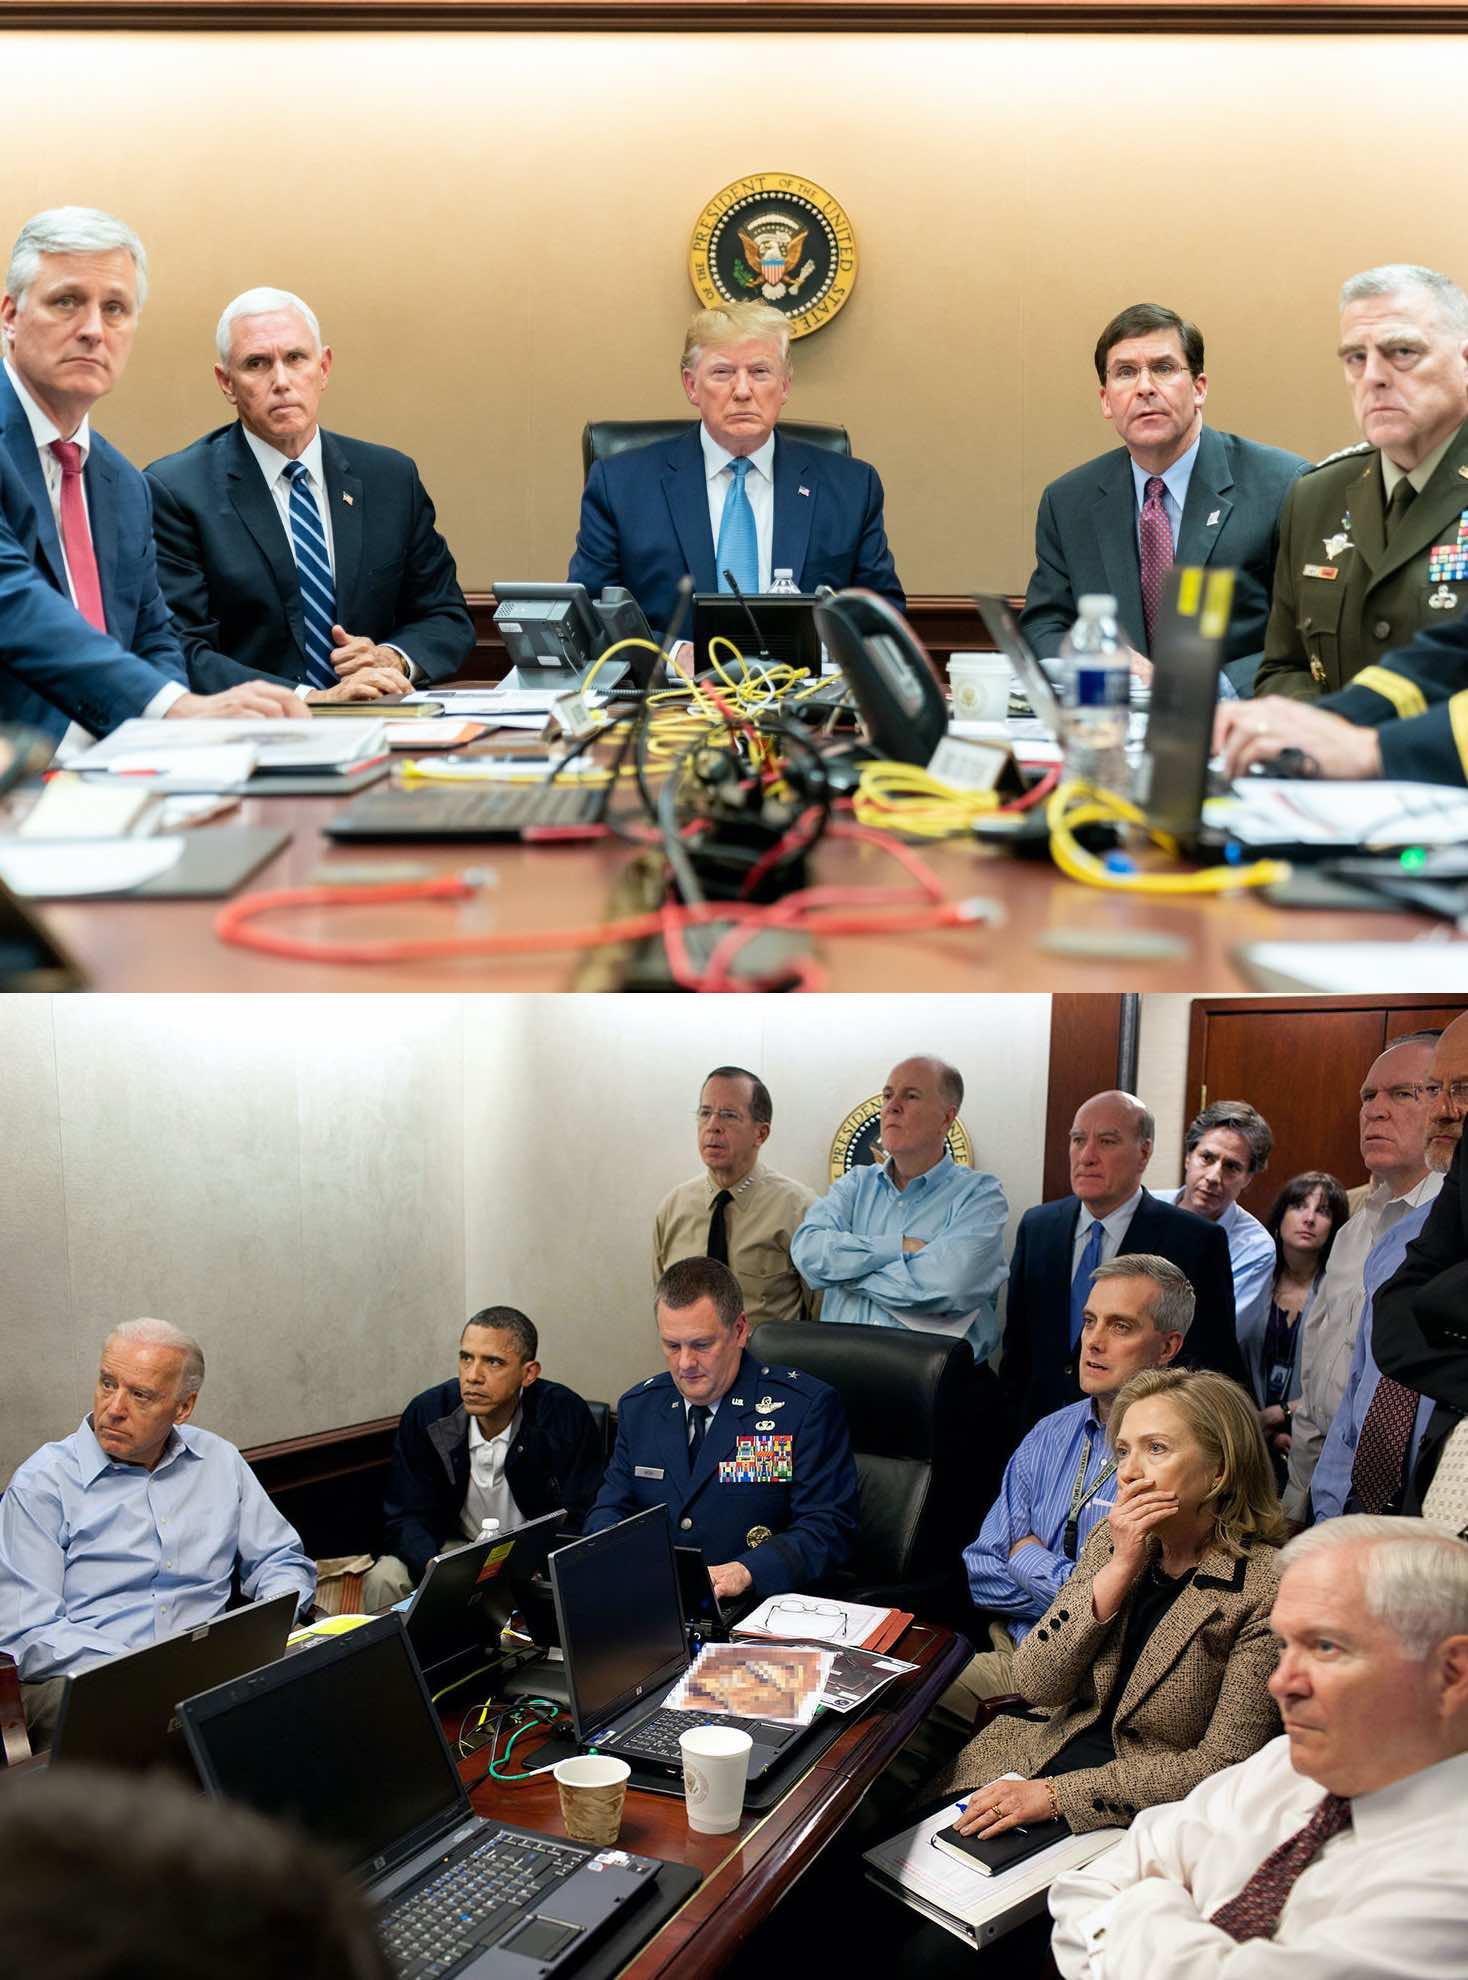 Team Trump on top, Team Obama on bottom